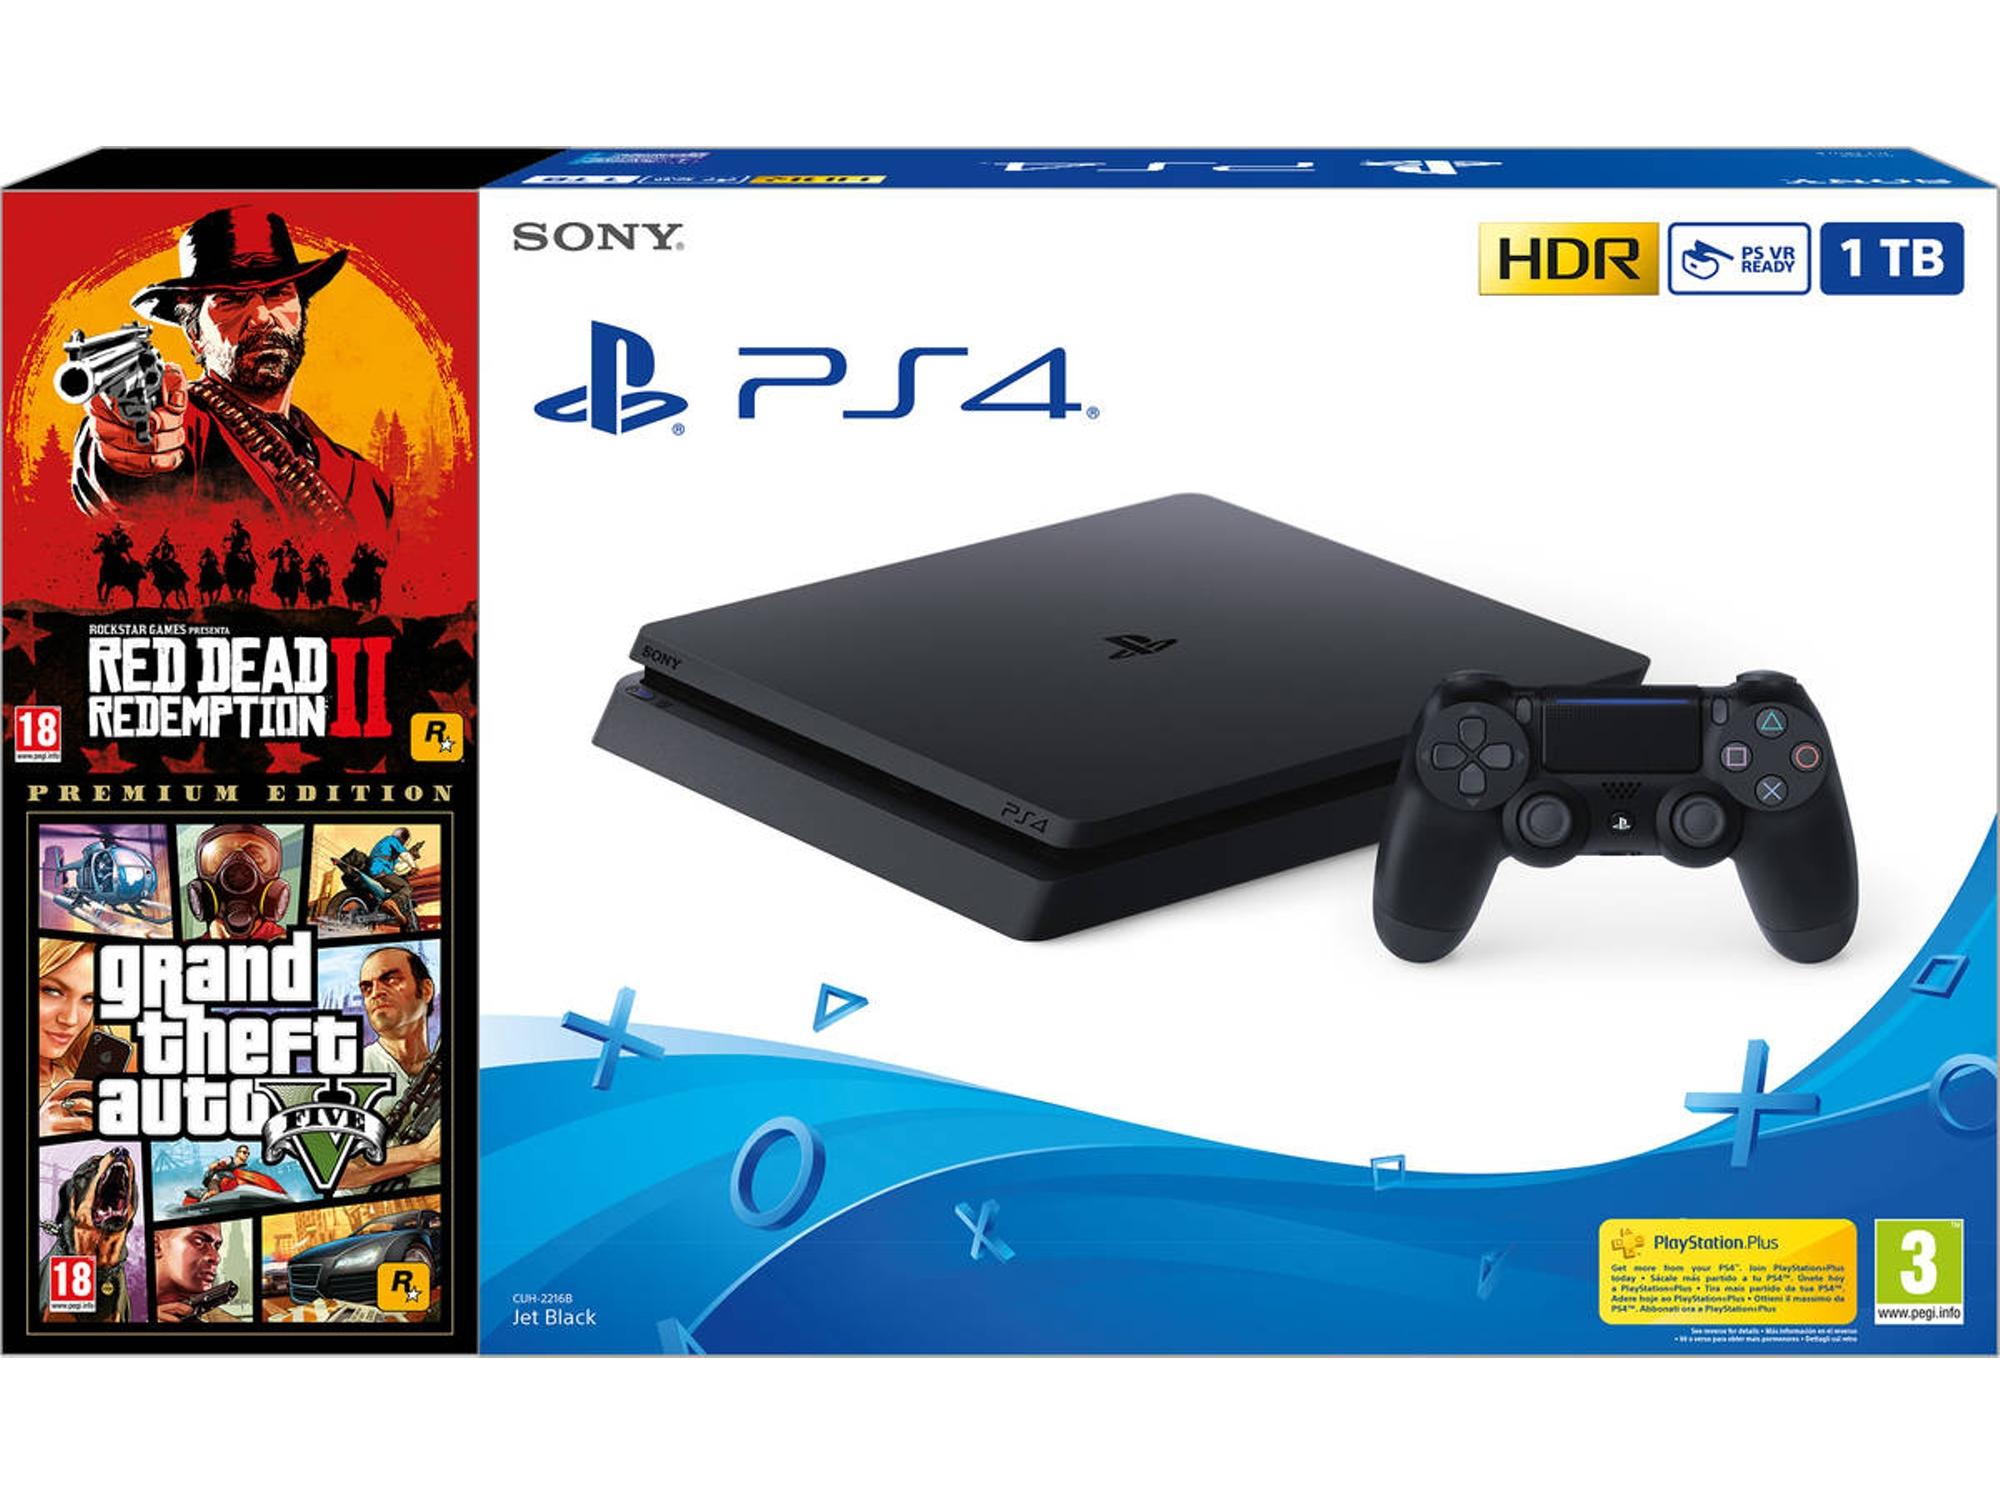 Consola PS4 + Juegos RDR2 y GTA V (1TB - Premium Edition - Negro)